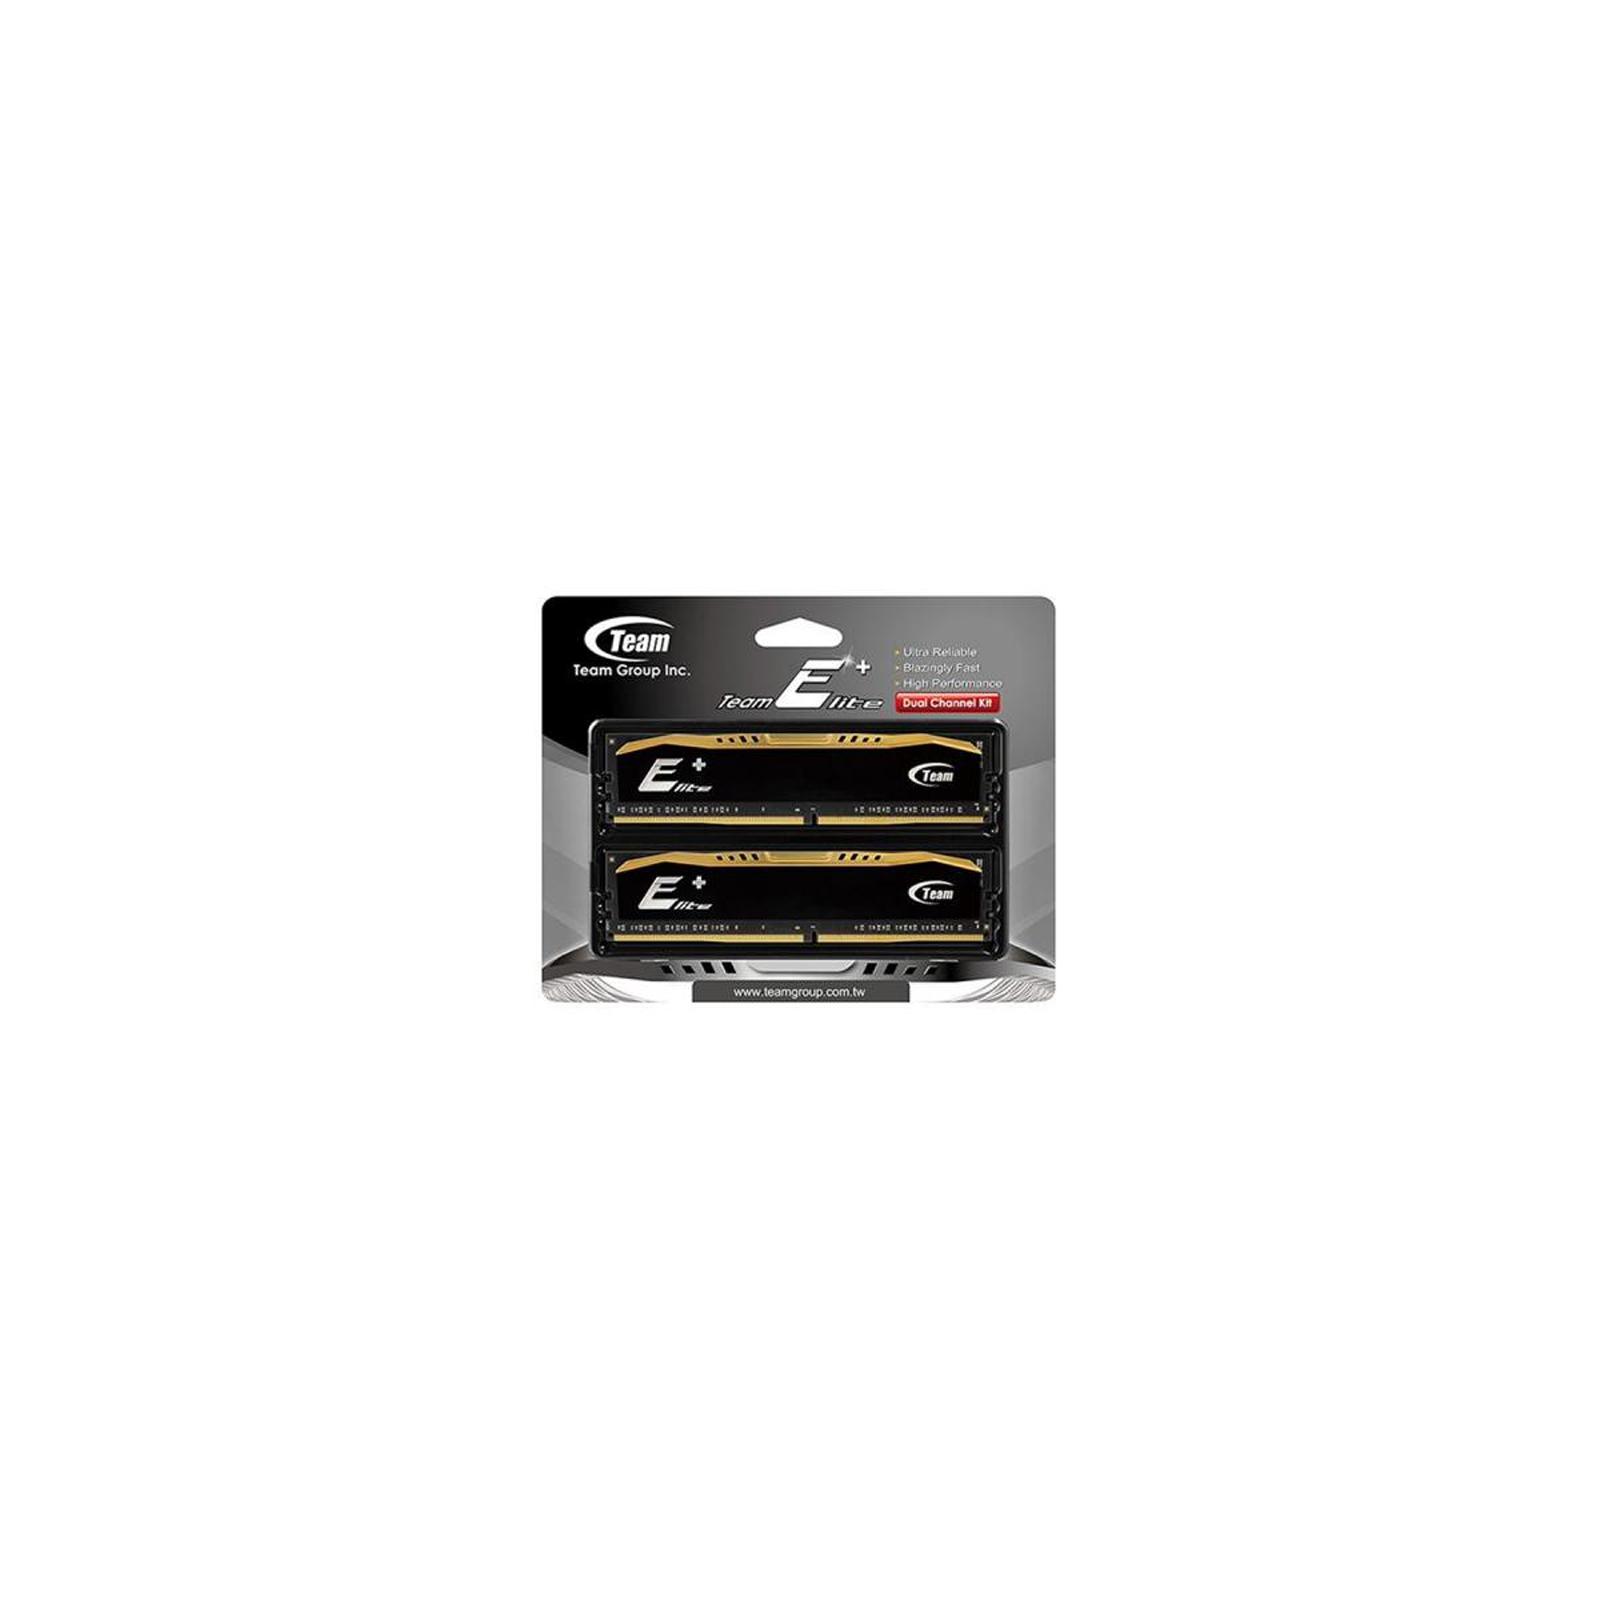 Модуль памяти для компьютера DDR4 16GB (2x8GB) 2400 MHz Elite Team (TED416G2400C16DC01) изображение 2